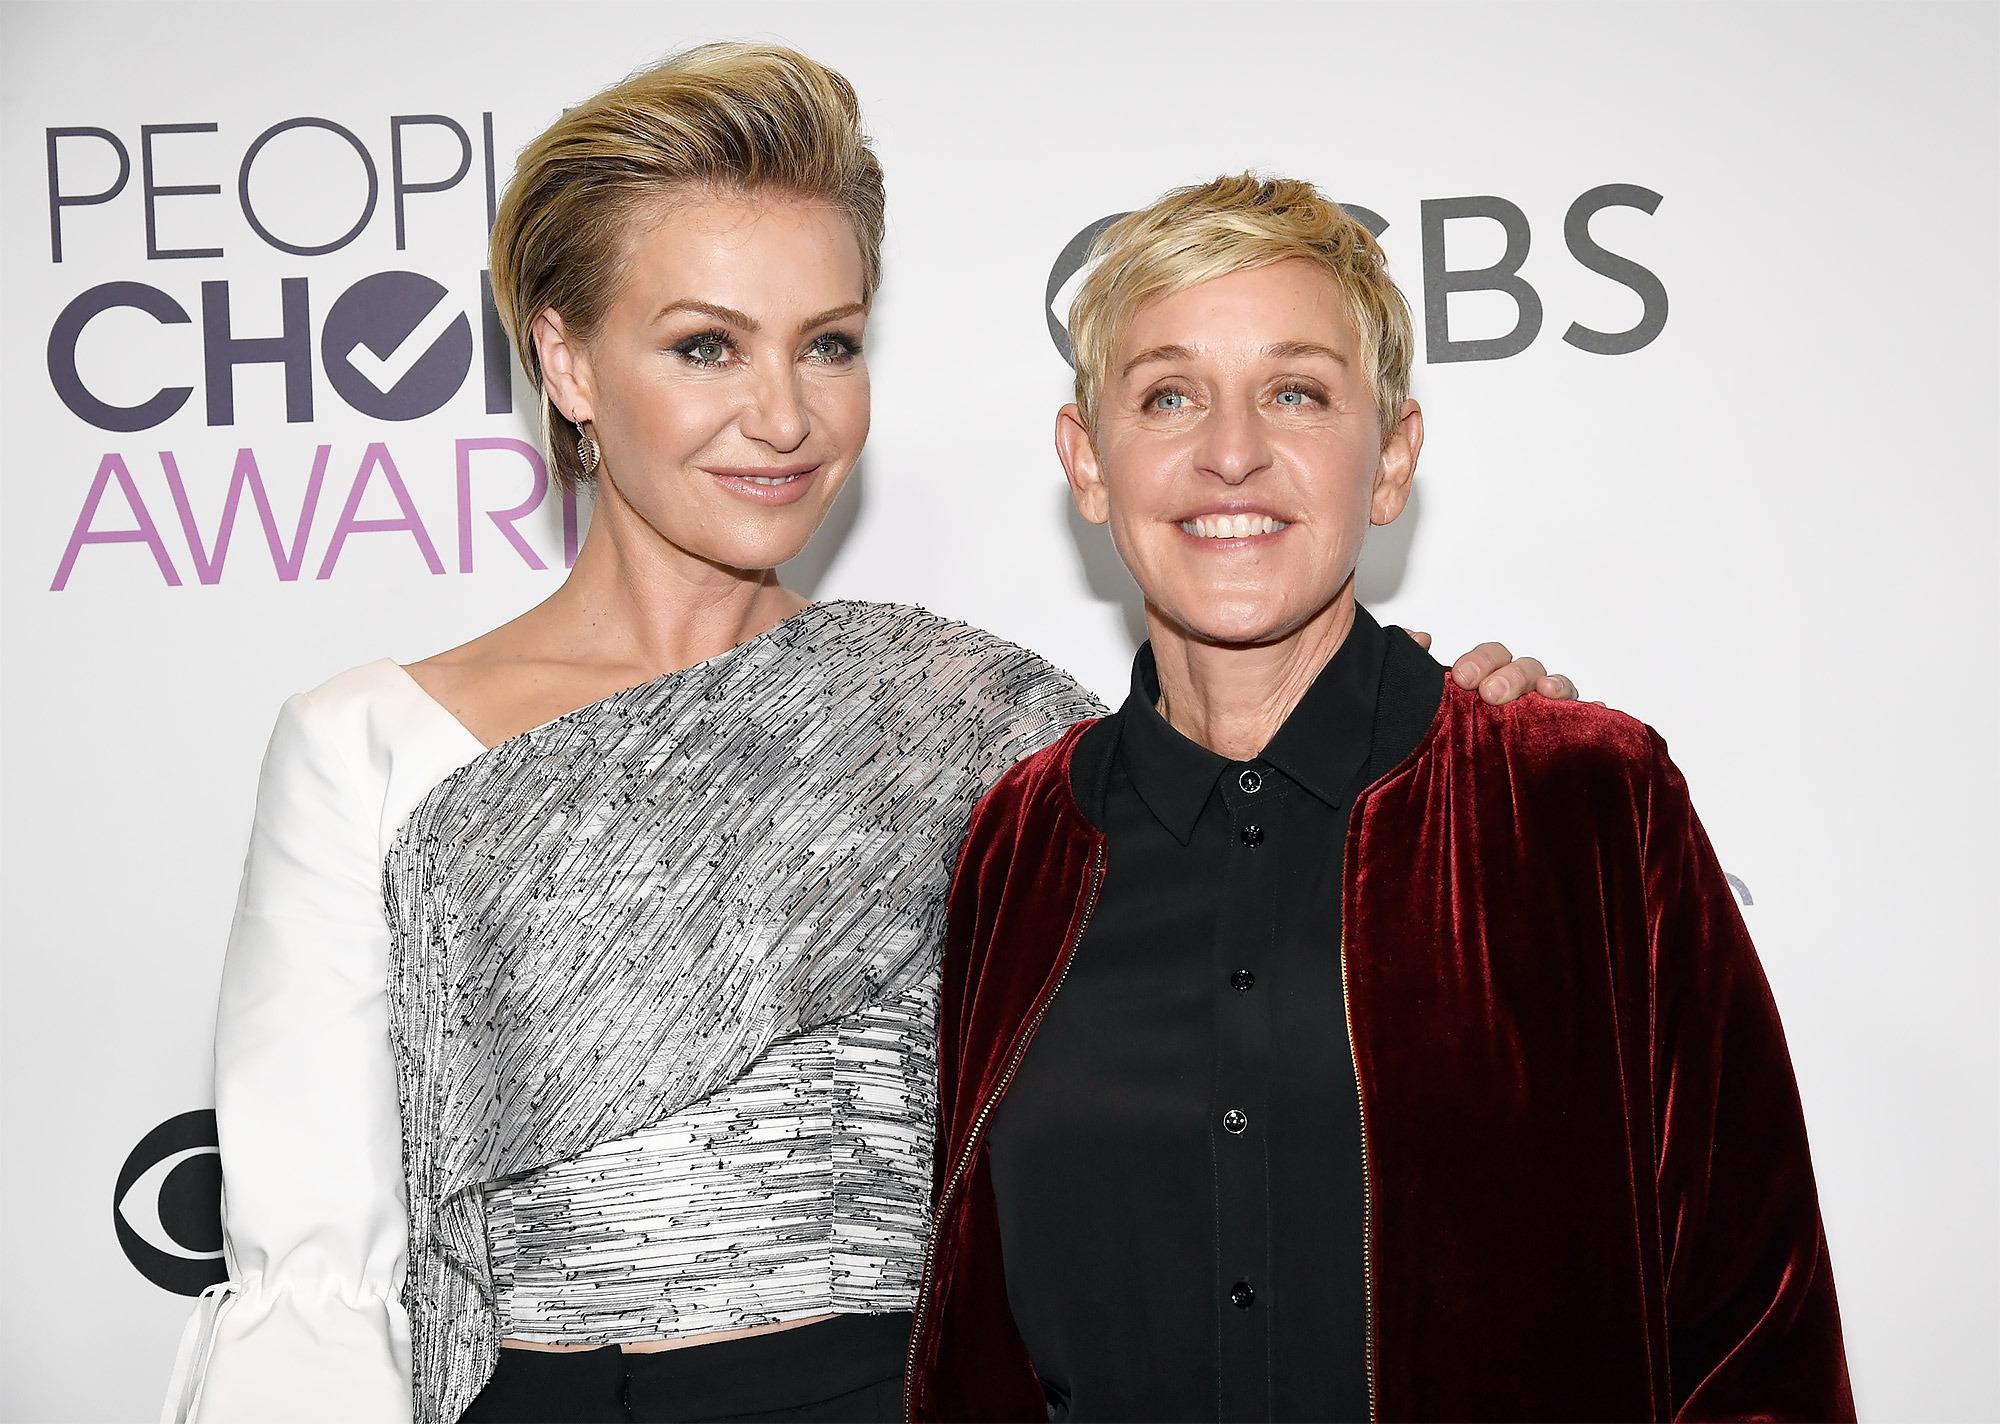 Portia and her wife Ellen DeGeneres tied the knot in 2008